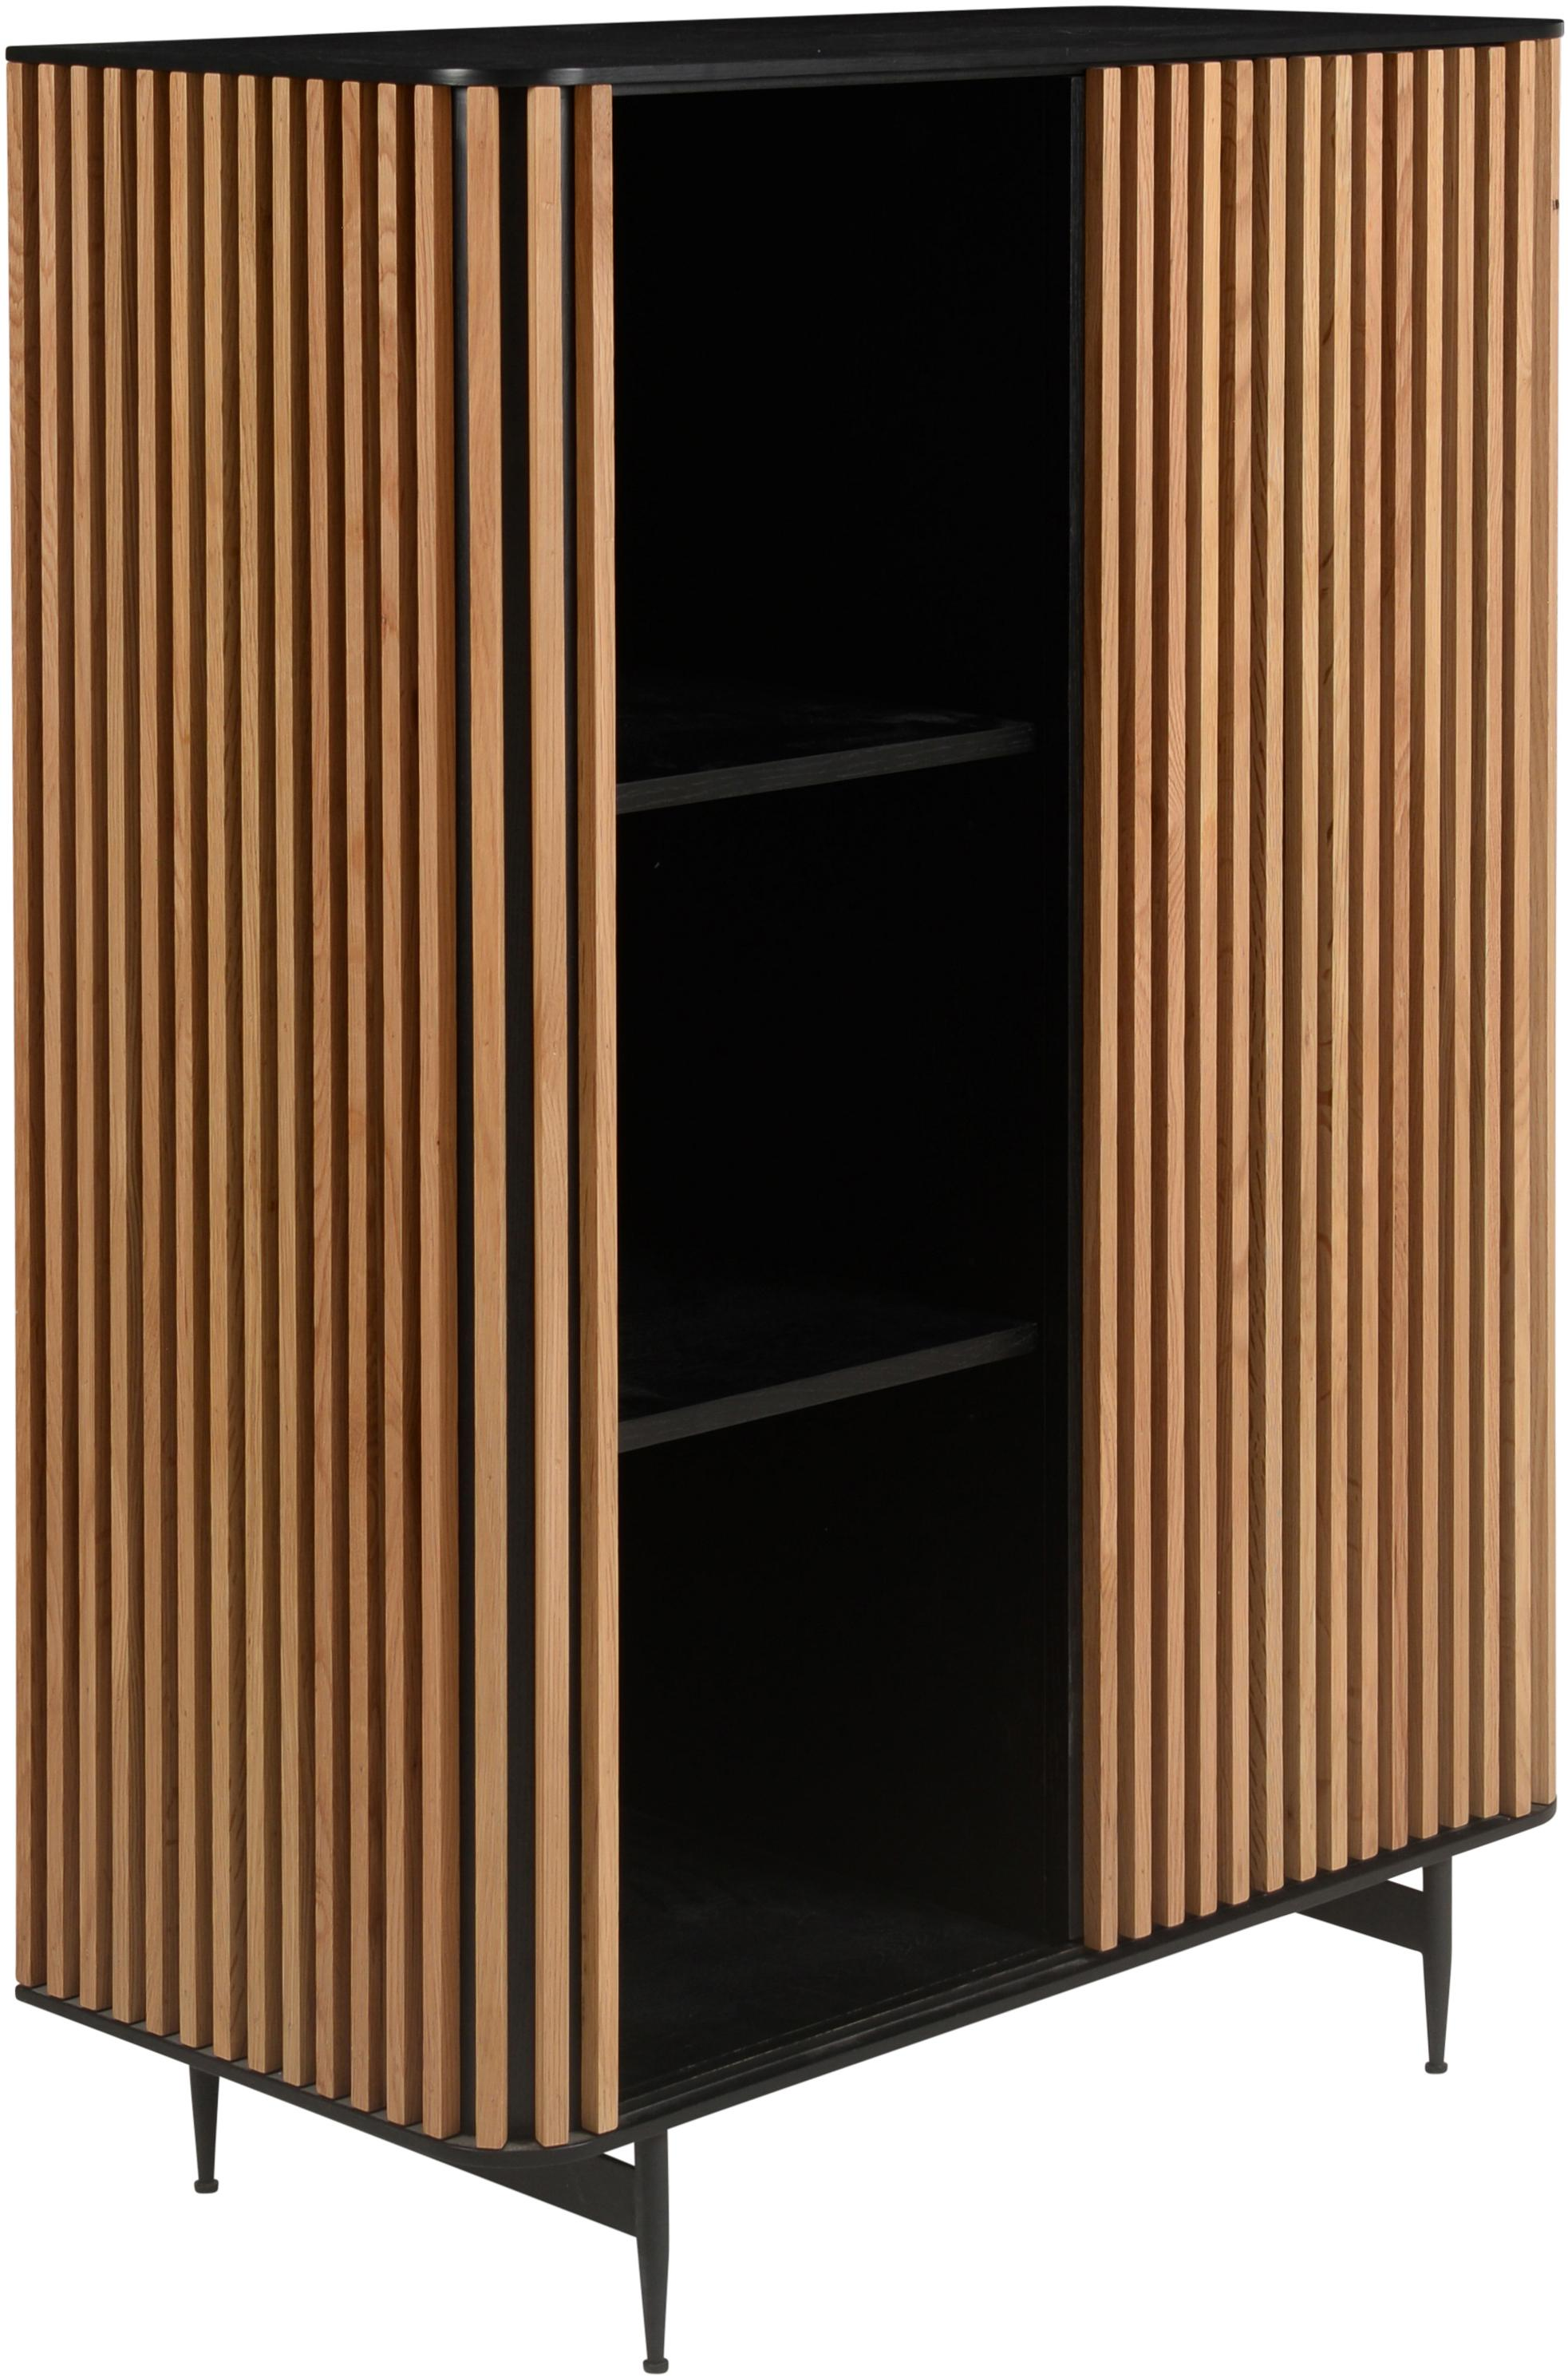 Wysoka komoda Linea, Korpus: płyta pilśniowa średniej , Nogi: metal lakierowany, Czarny, drewno dębowe, S 98 x W 135 cm